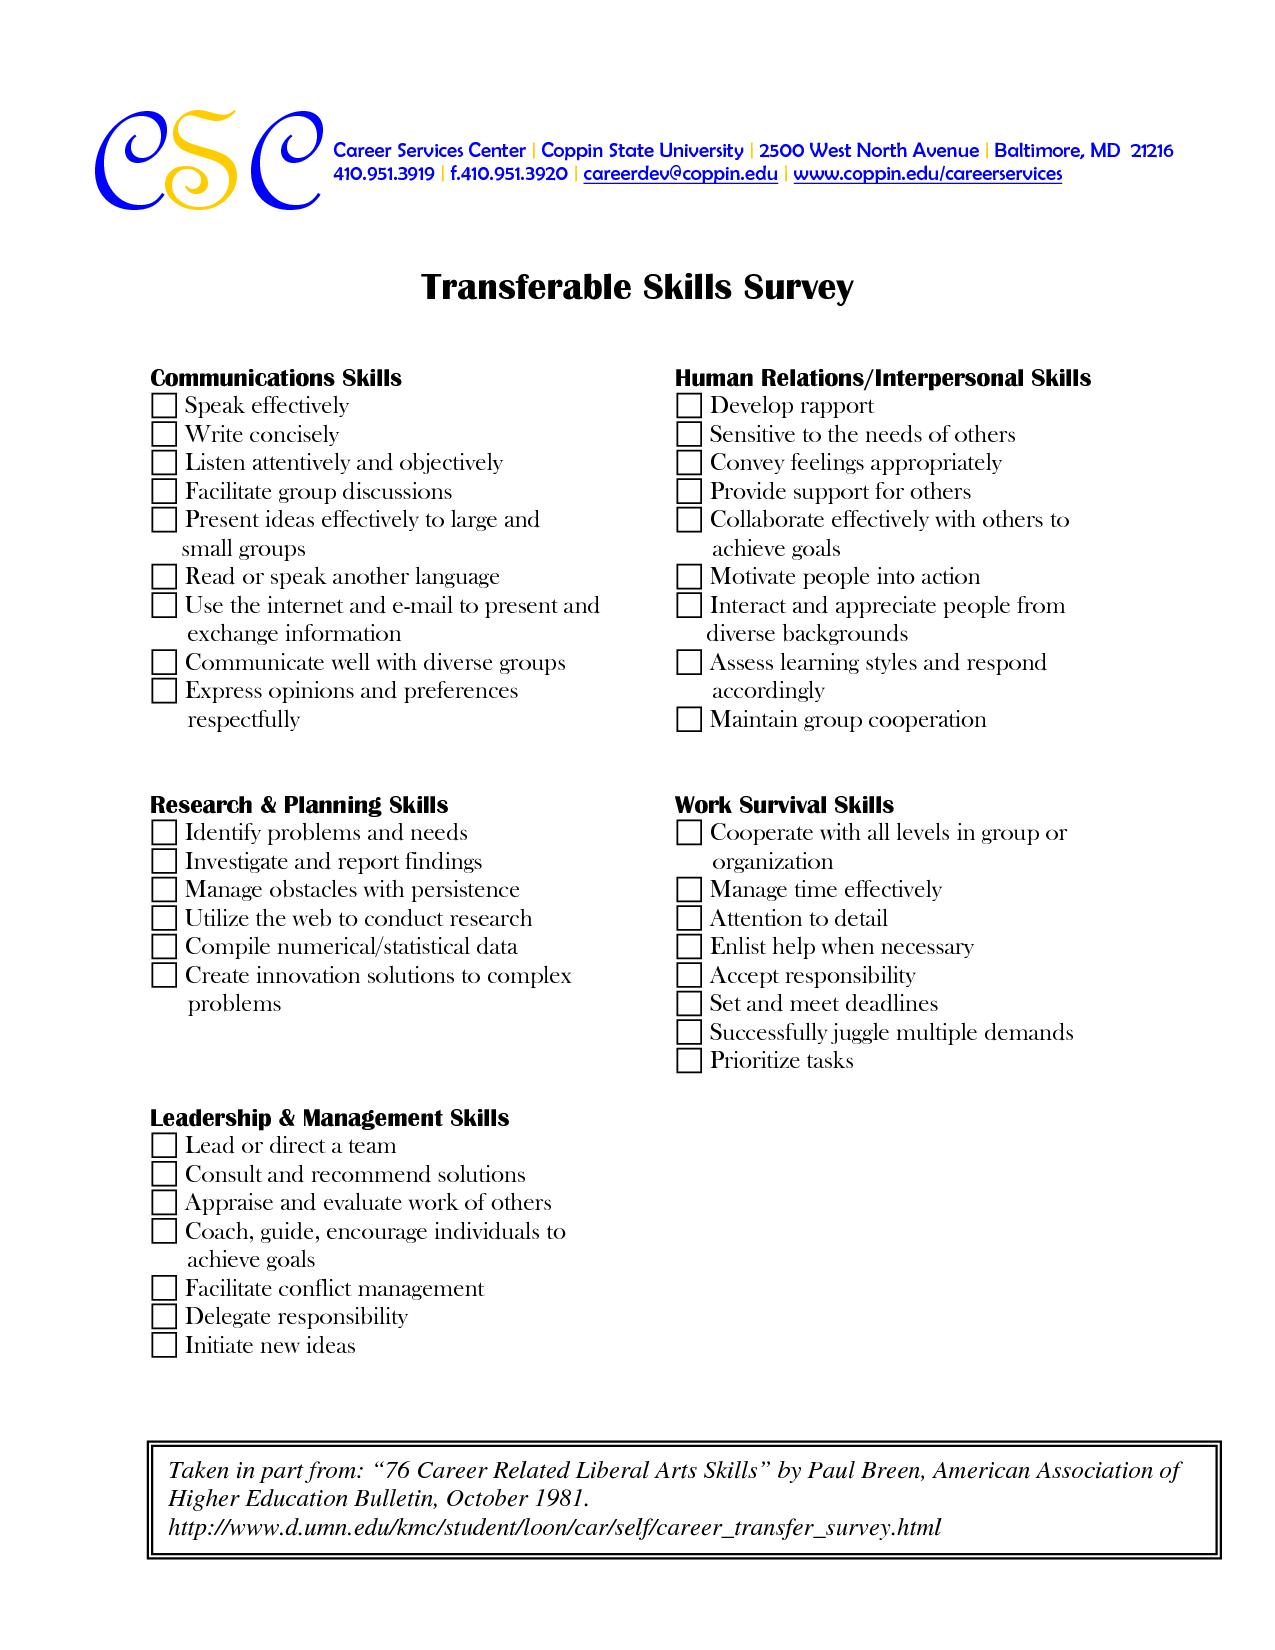 31 Transferable Skills Assessment Worksheet